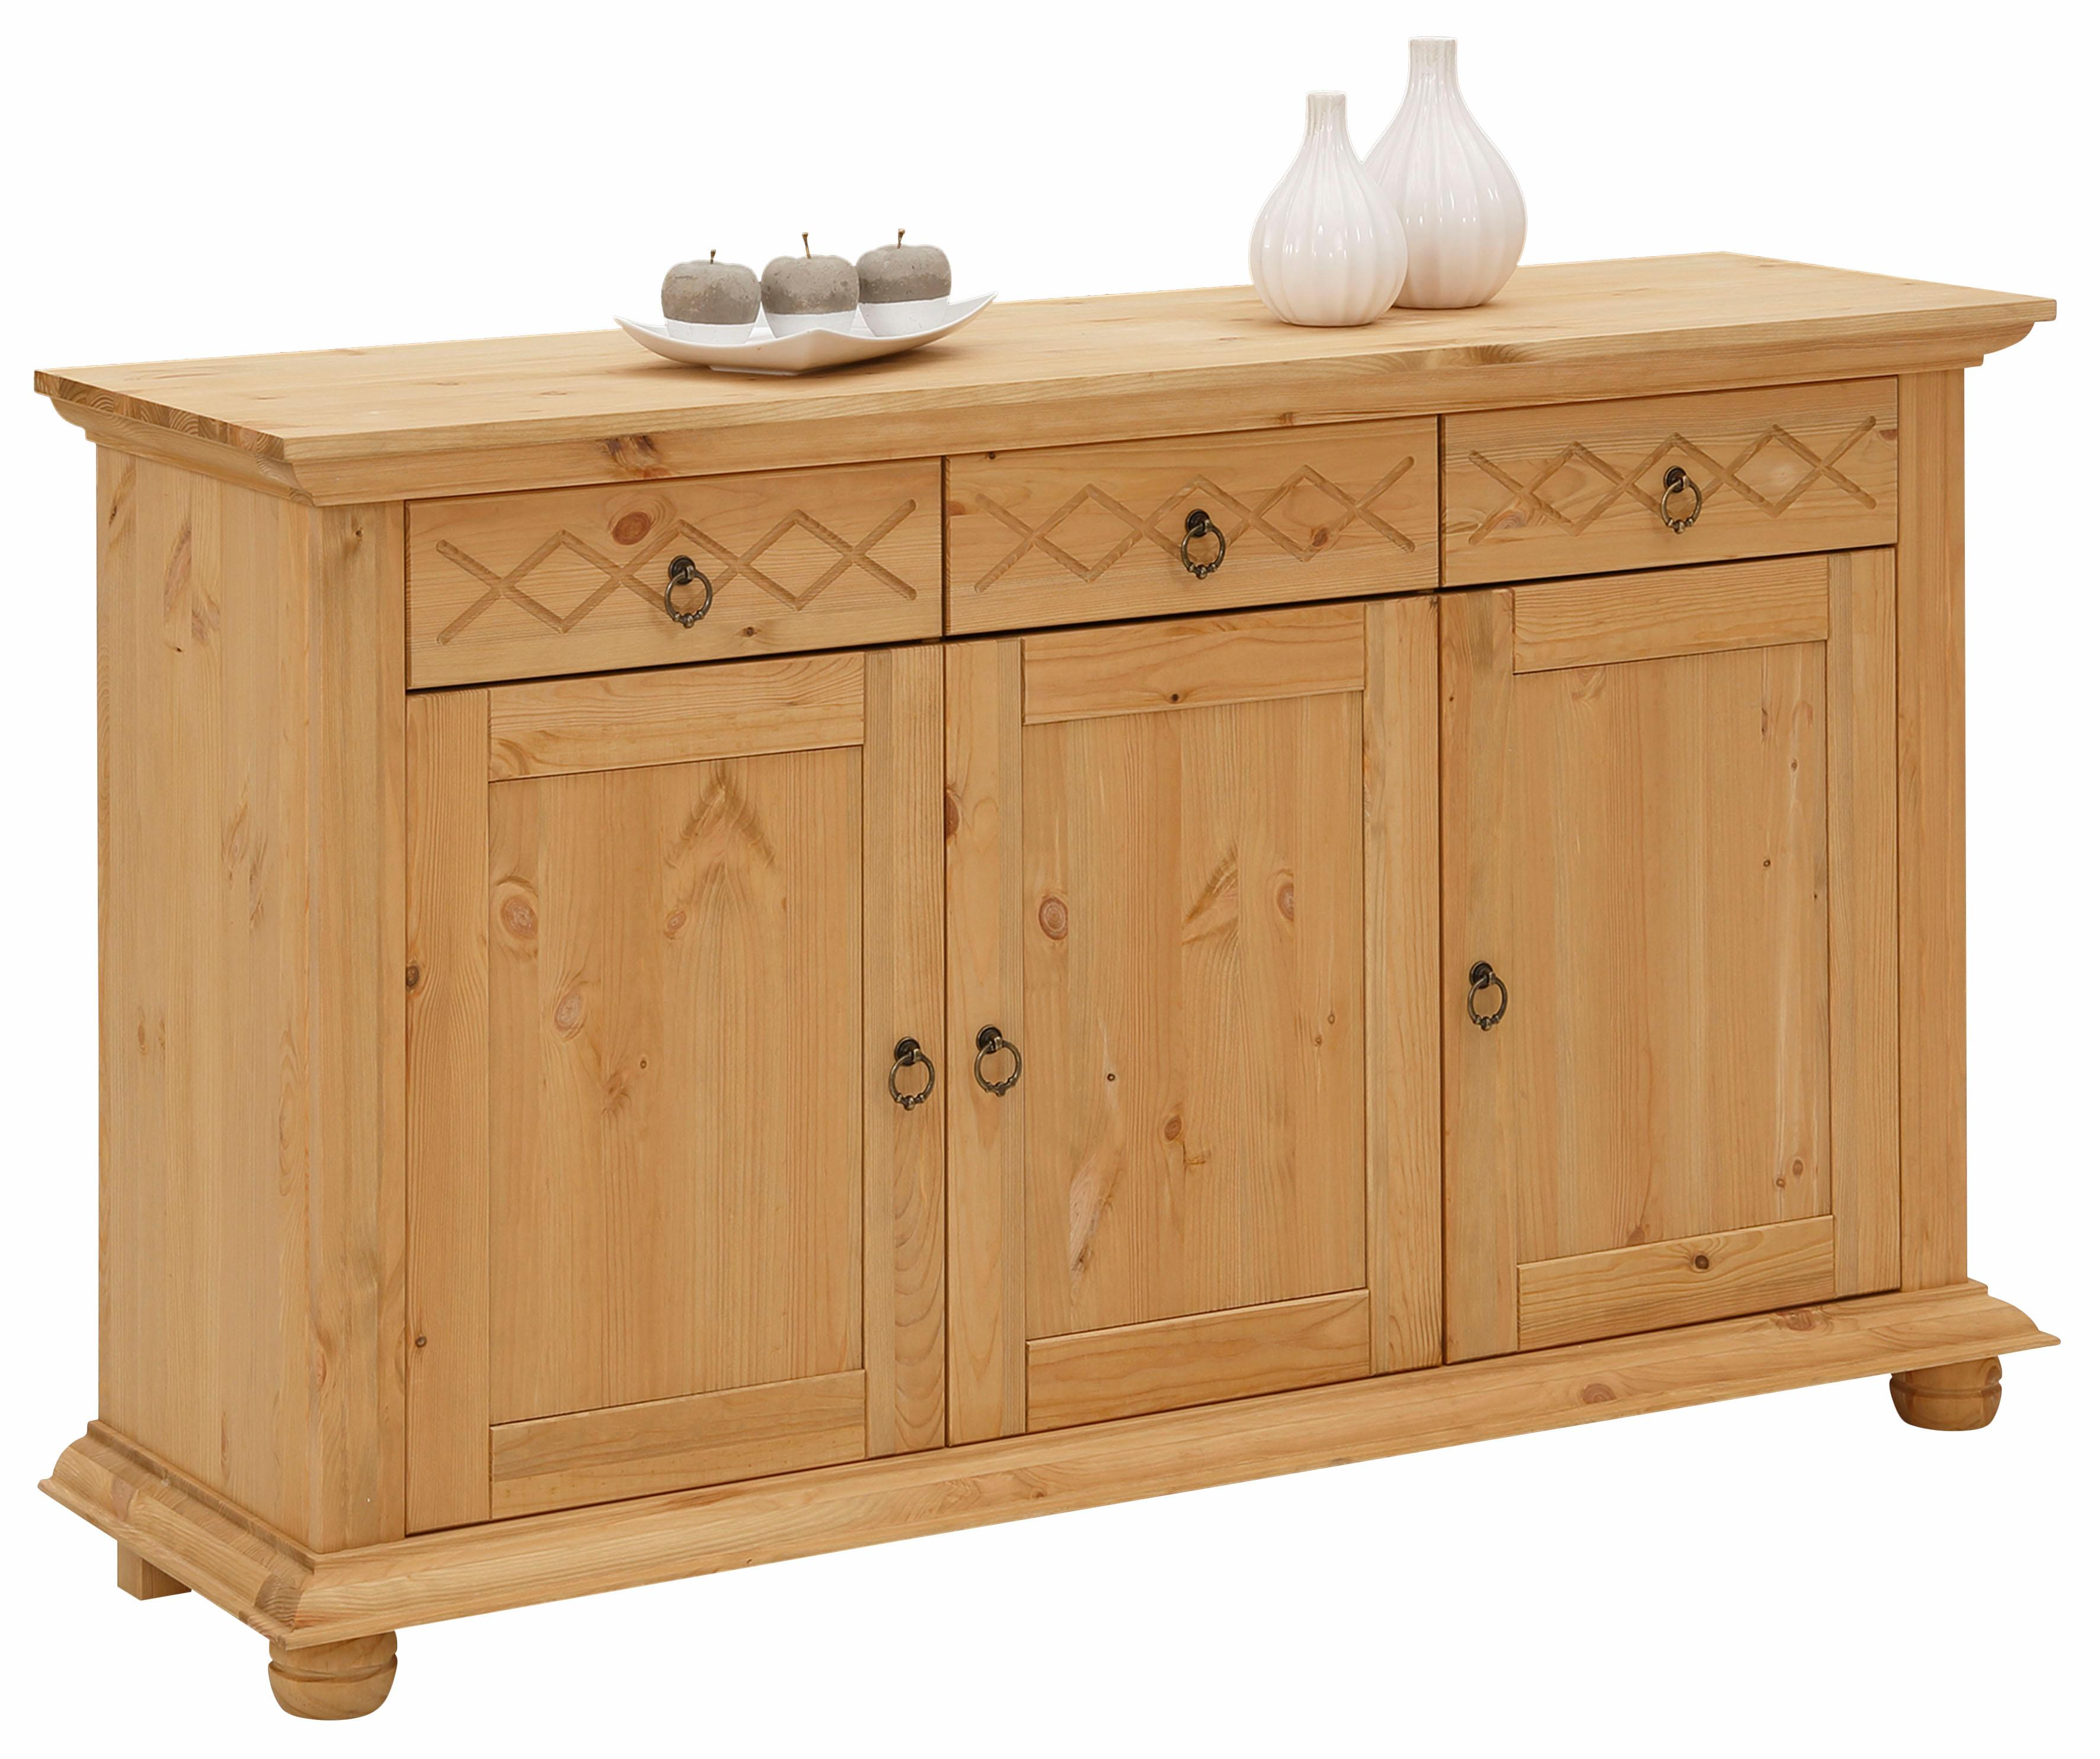 Home affaire Kommode Helma mit dekorativer Kranzleiste Breite 140 cm